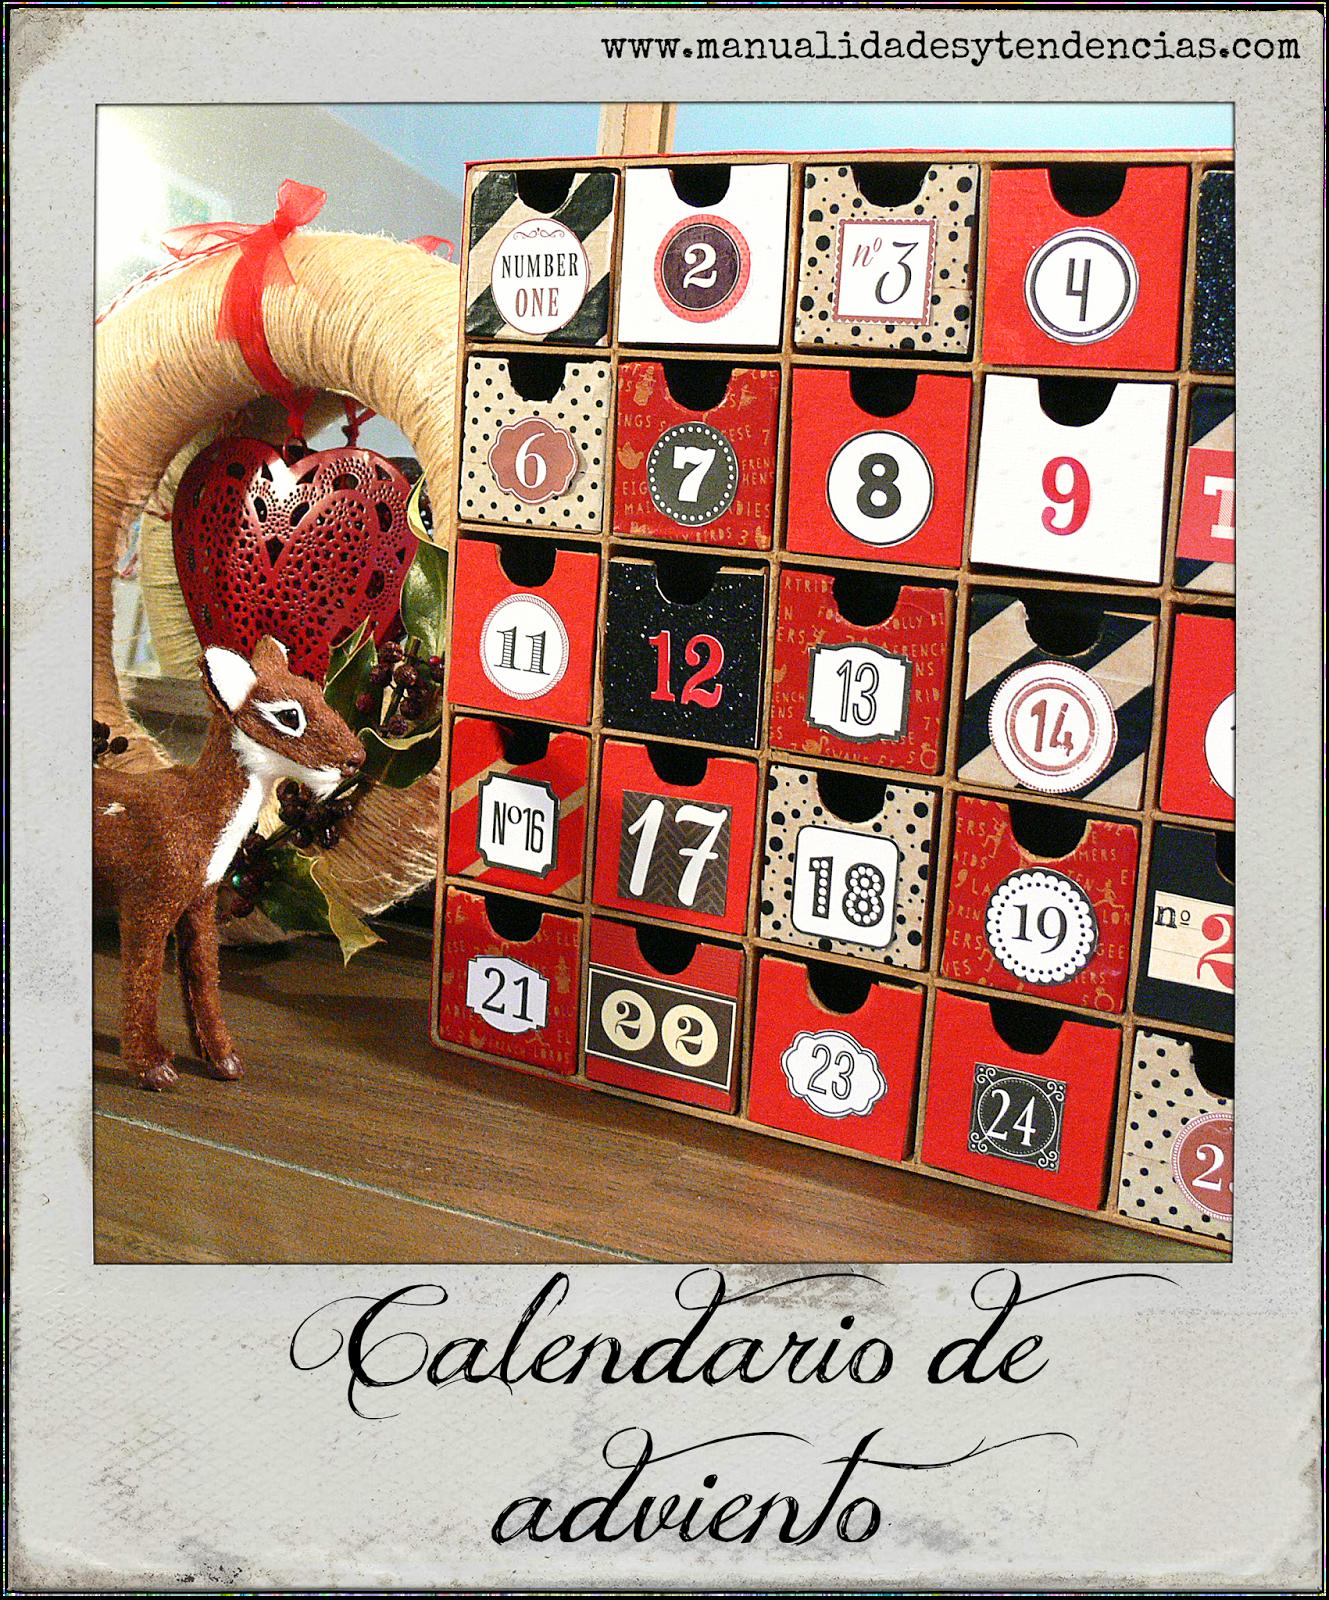 Calendario De Adviento De Papel Mache Paper Mache Advent Calendar - Calendario-de-adviento